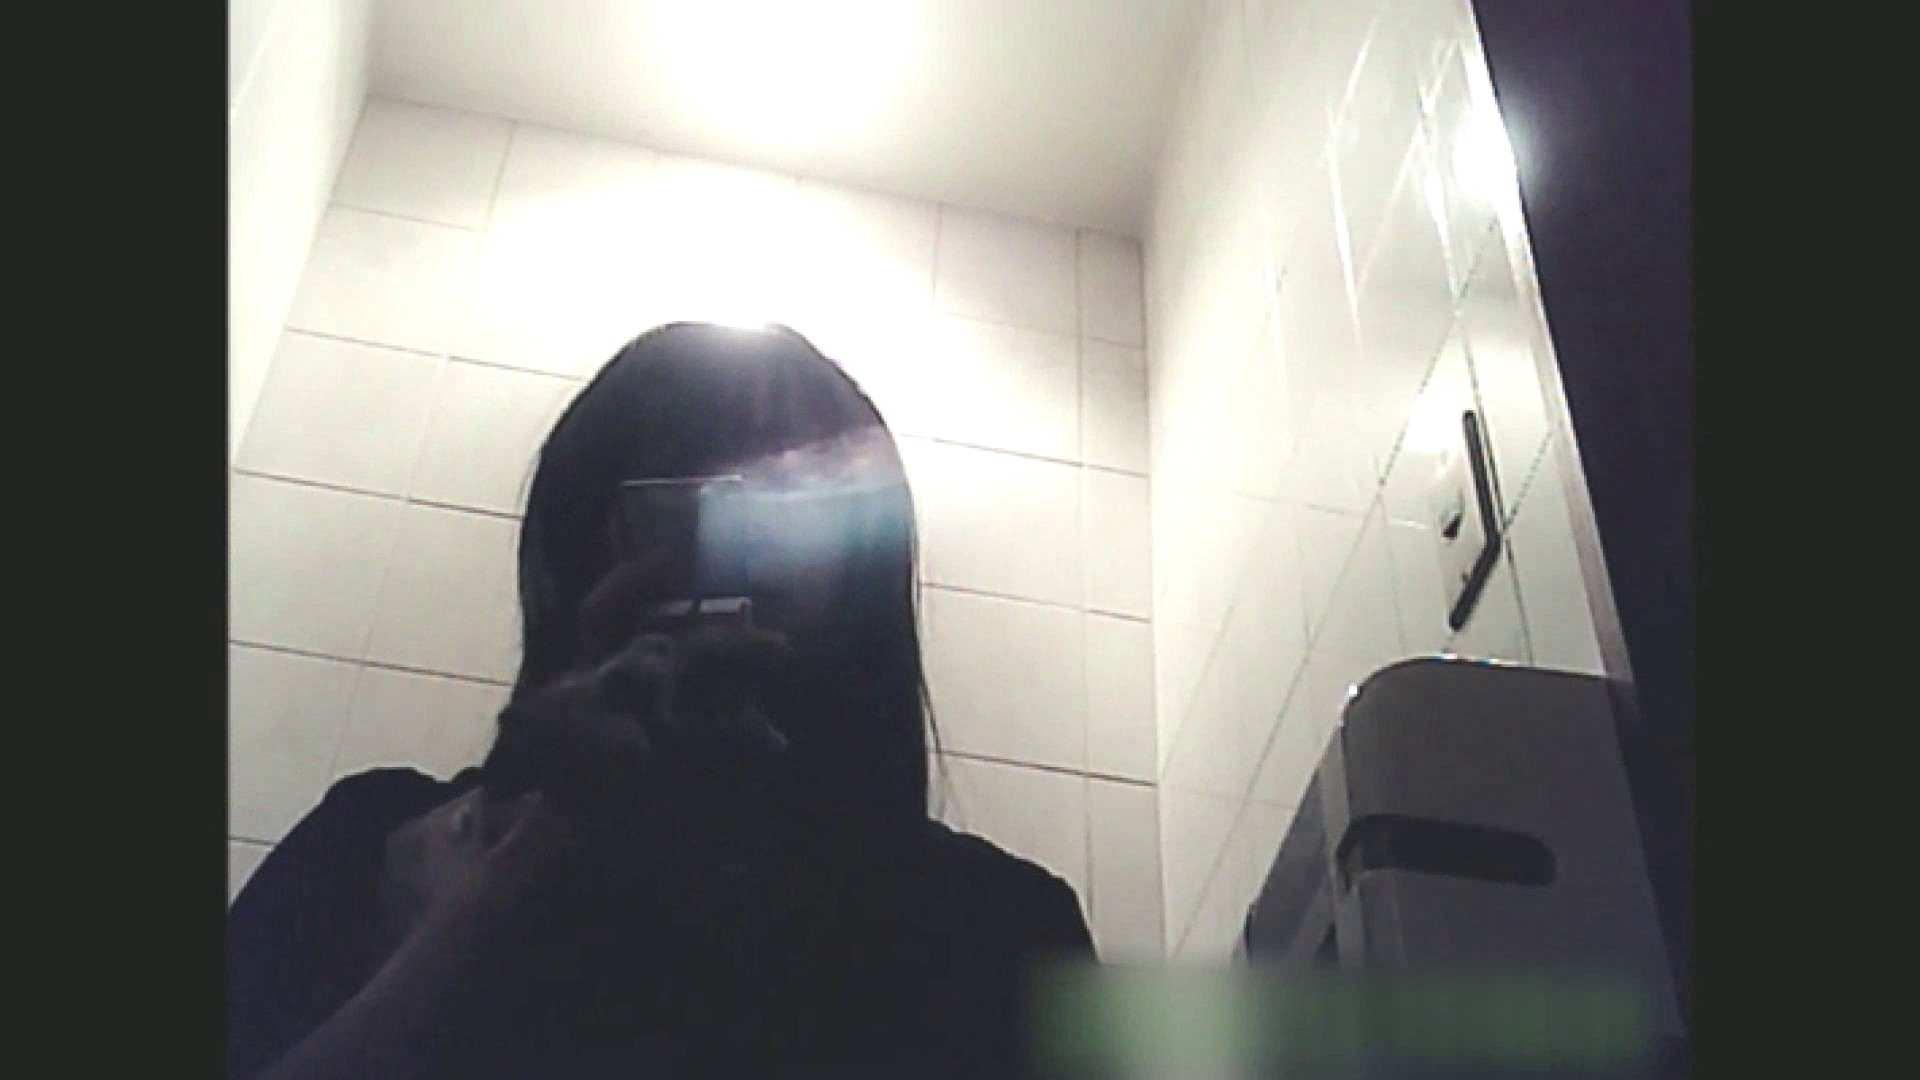 実録!!綺麗なお姉さんのトイレ事情・・・。vol.4 美女のヌード | エロティックなOL  105画像 1